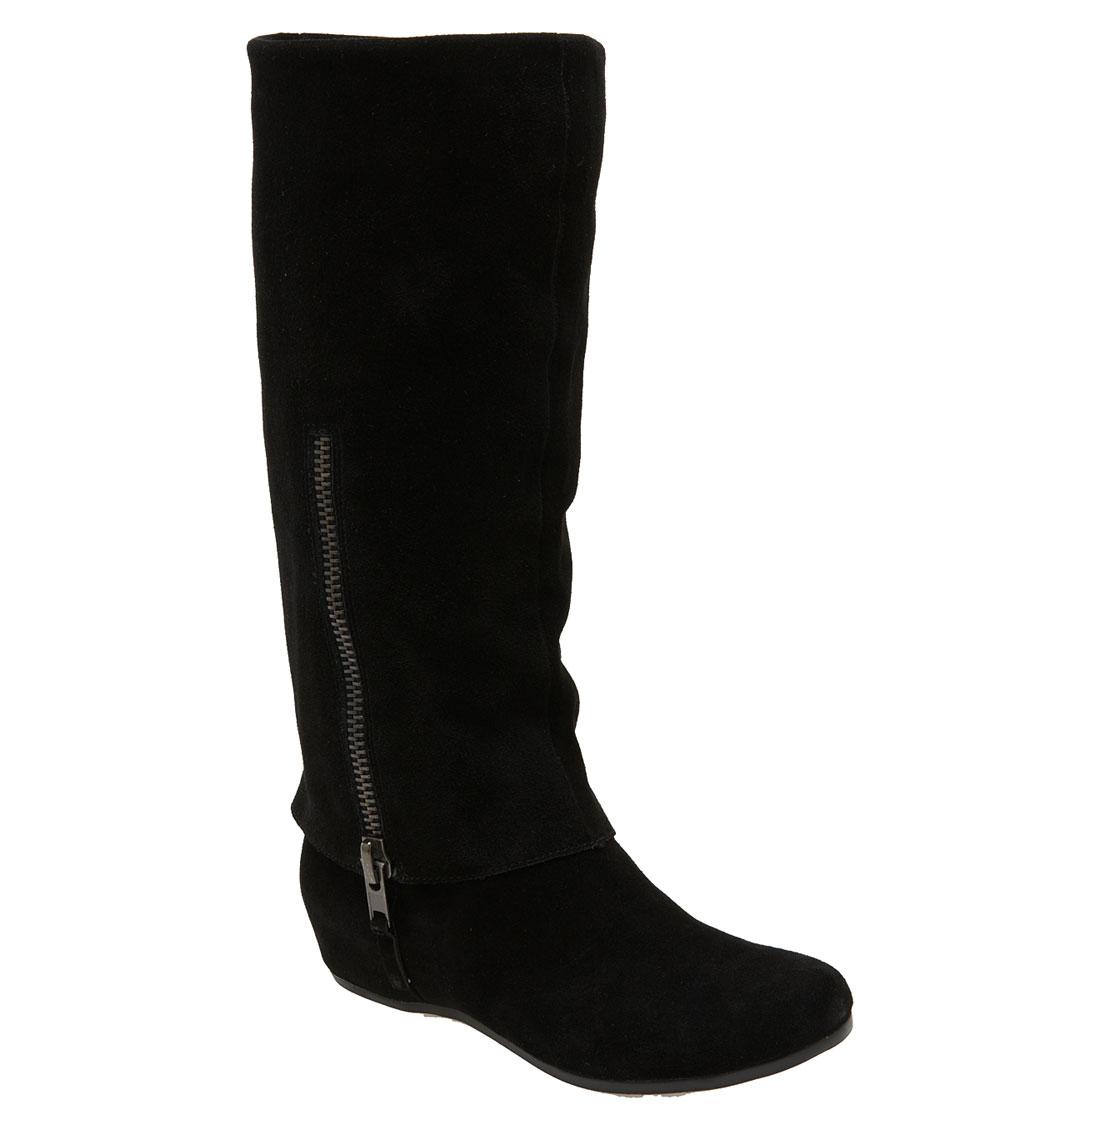 steve madden criskros boot in black black suede lyst